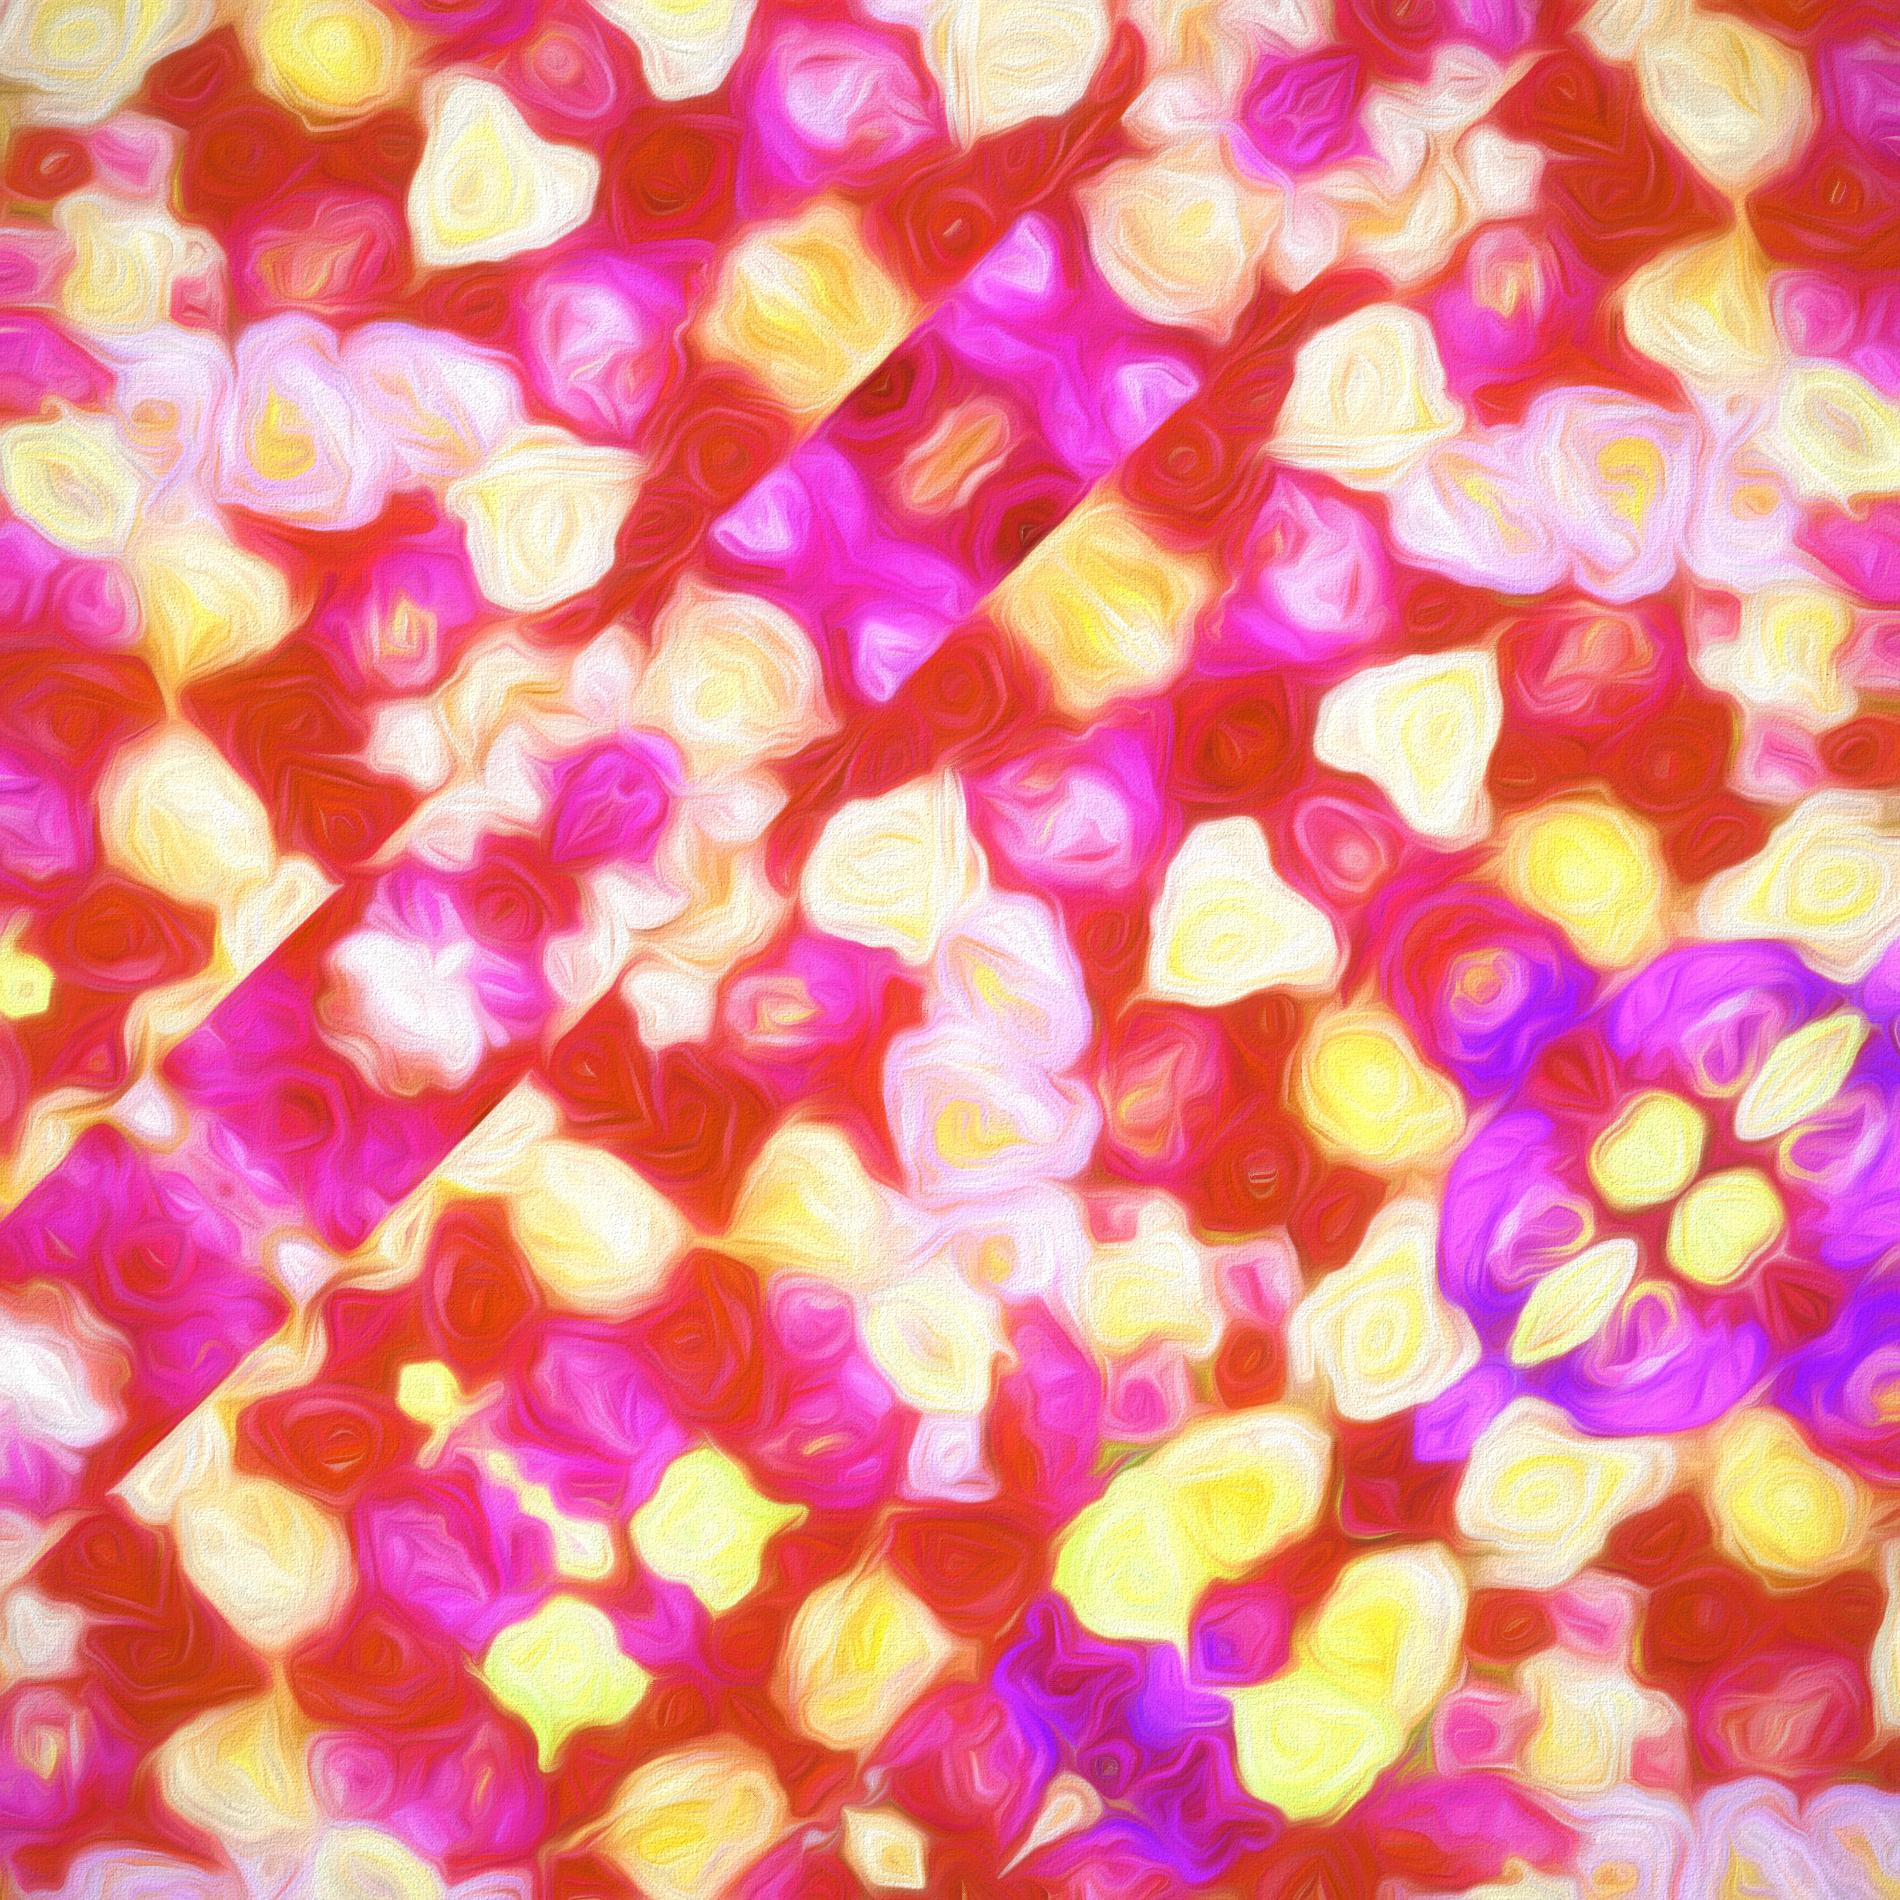 上品なキラキラローズ&おしゃれなバラの輝き:ソフト